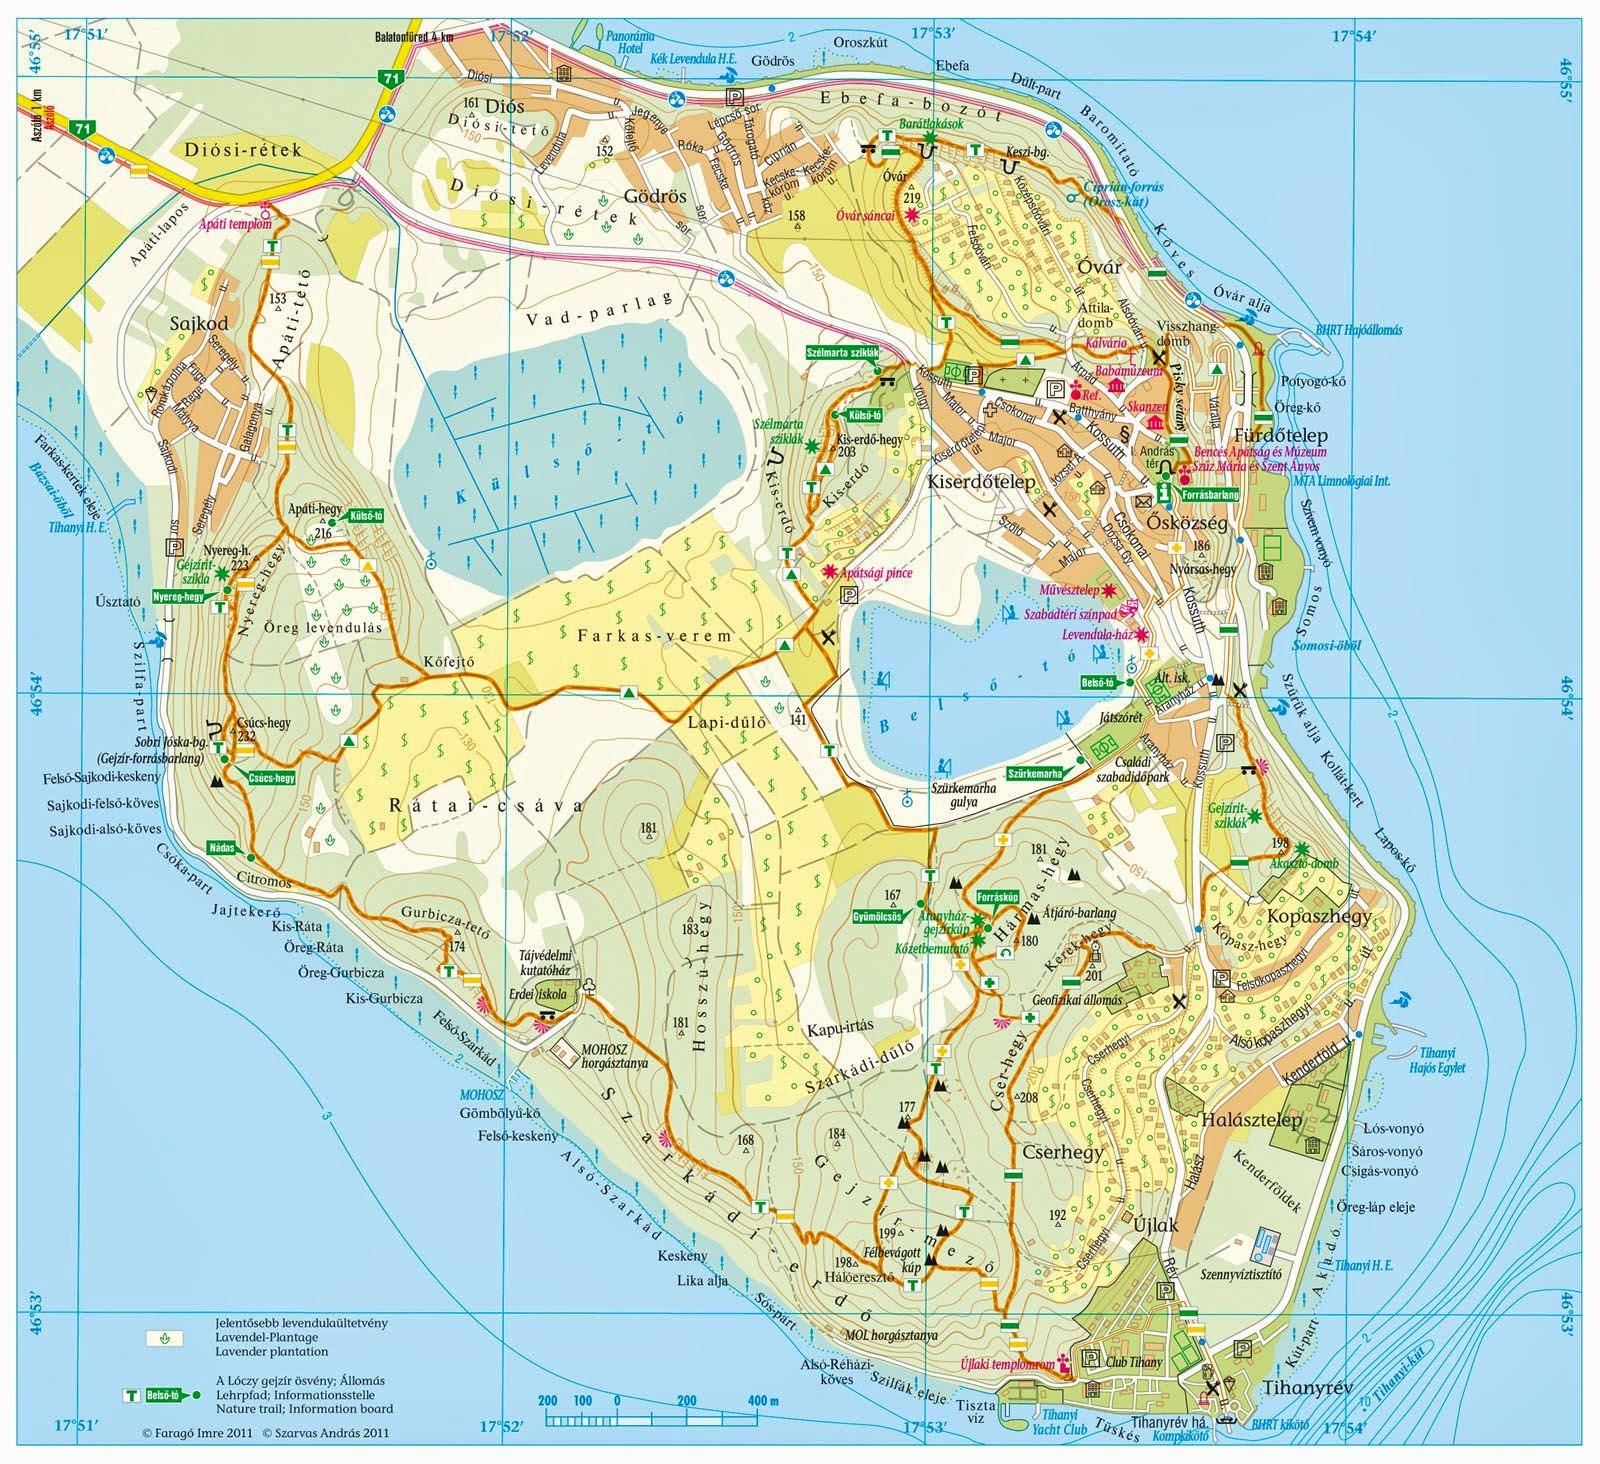 tihany látnivalók térkép Csatangoló: Kirándulás a Tihanyi félszigeten   2012. nyaralás I  tihany látnivalók térkép